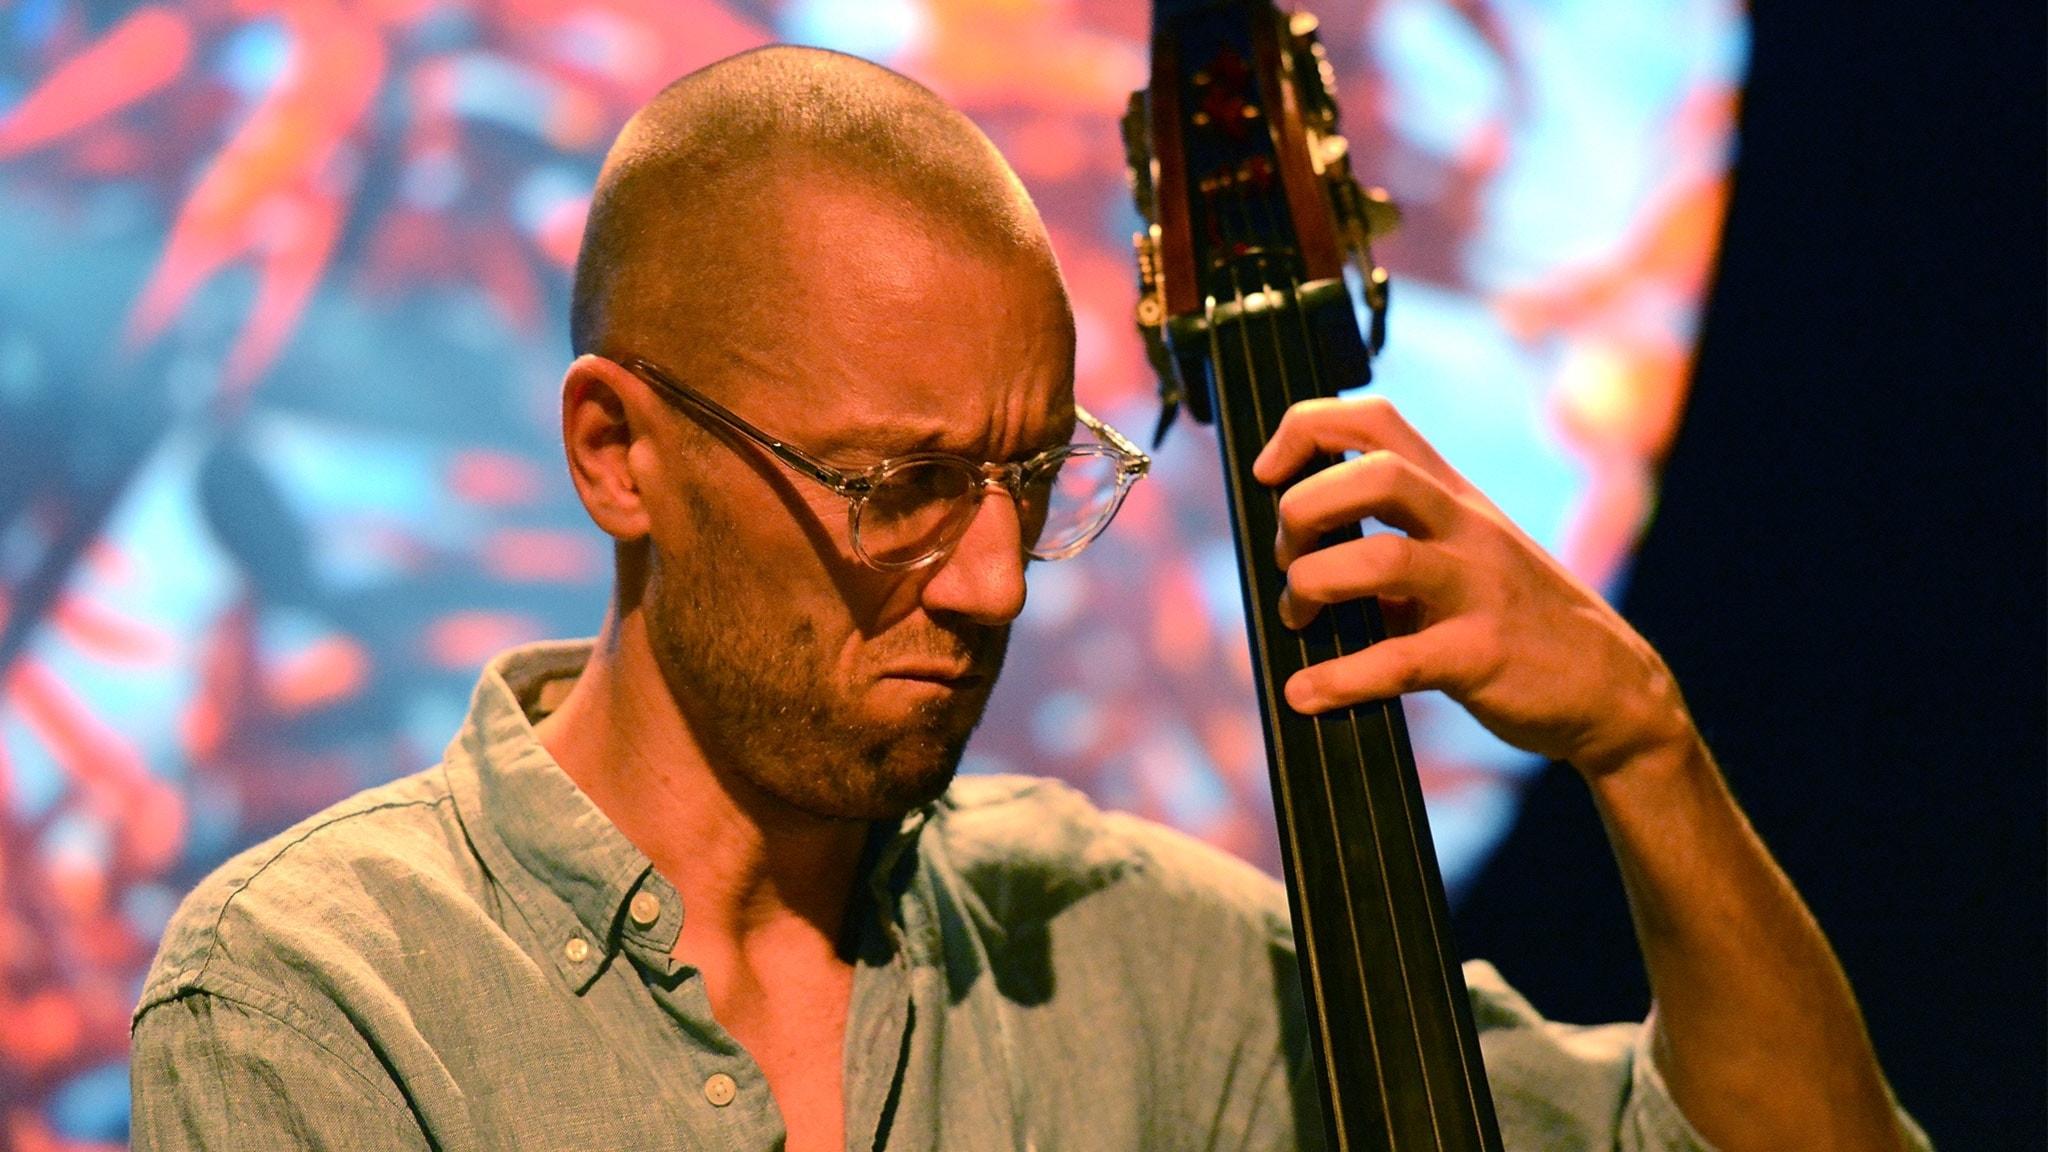 Nya improvisationer:folkmusikaliskt, ungt och meditativt